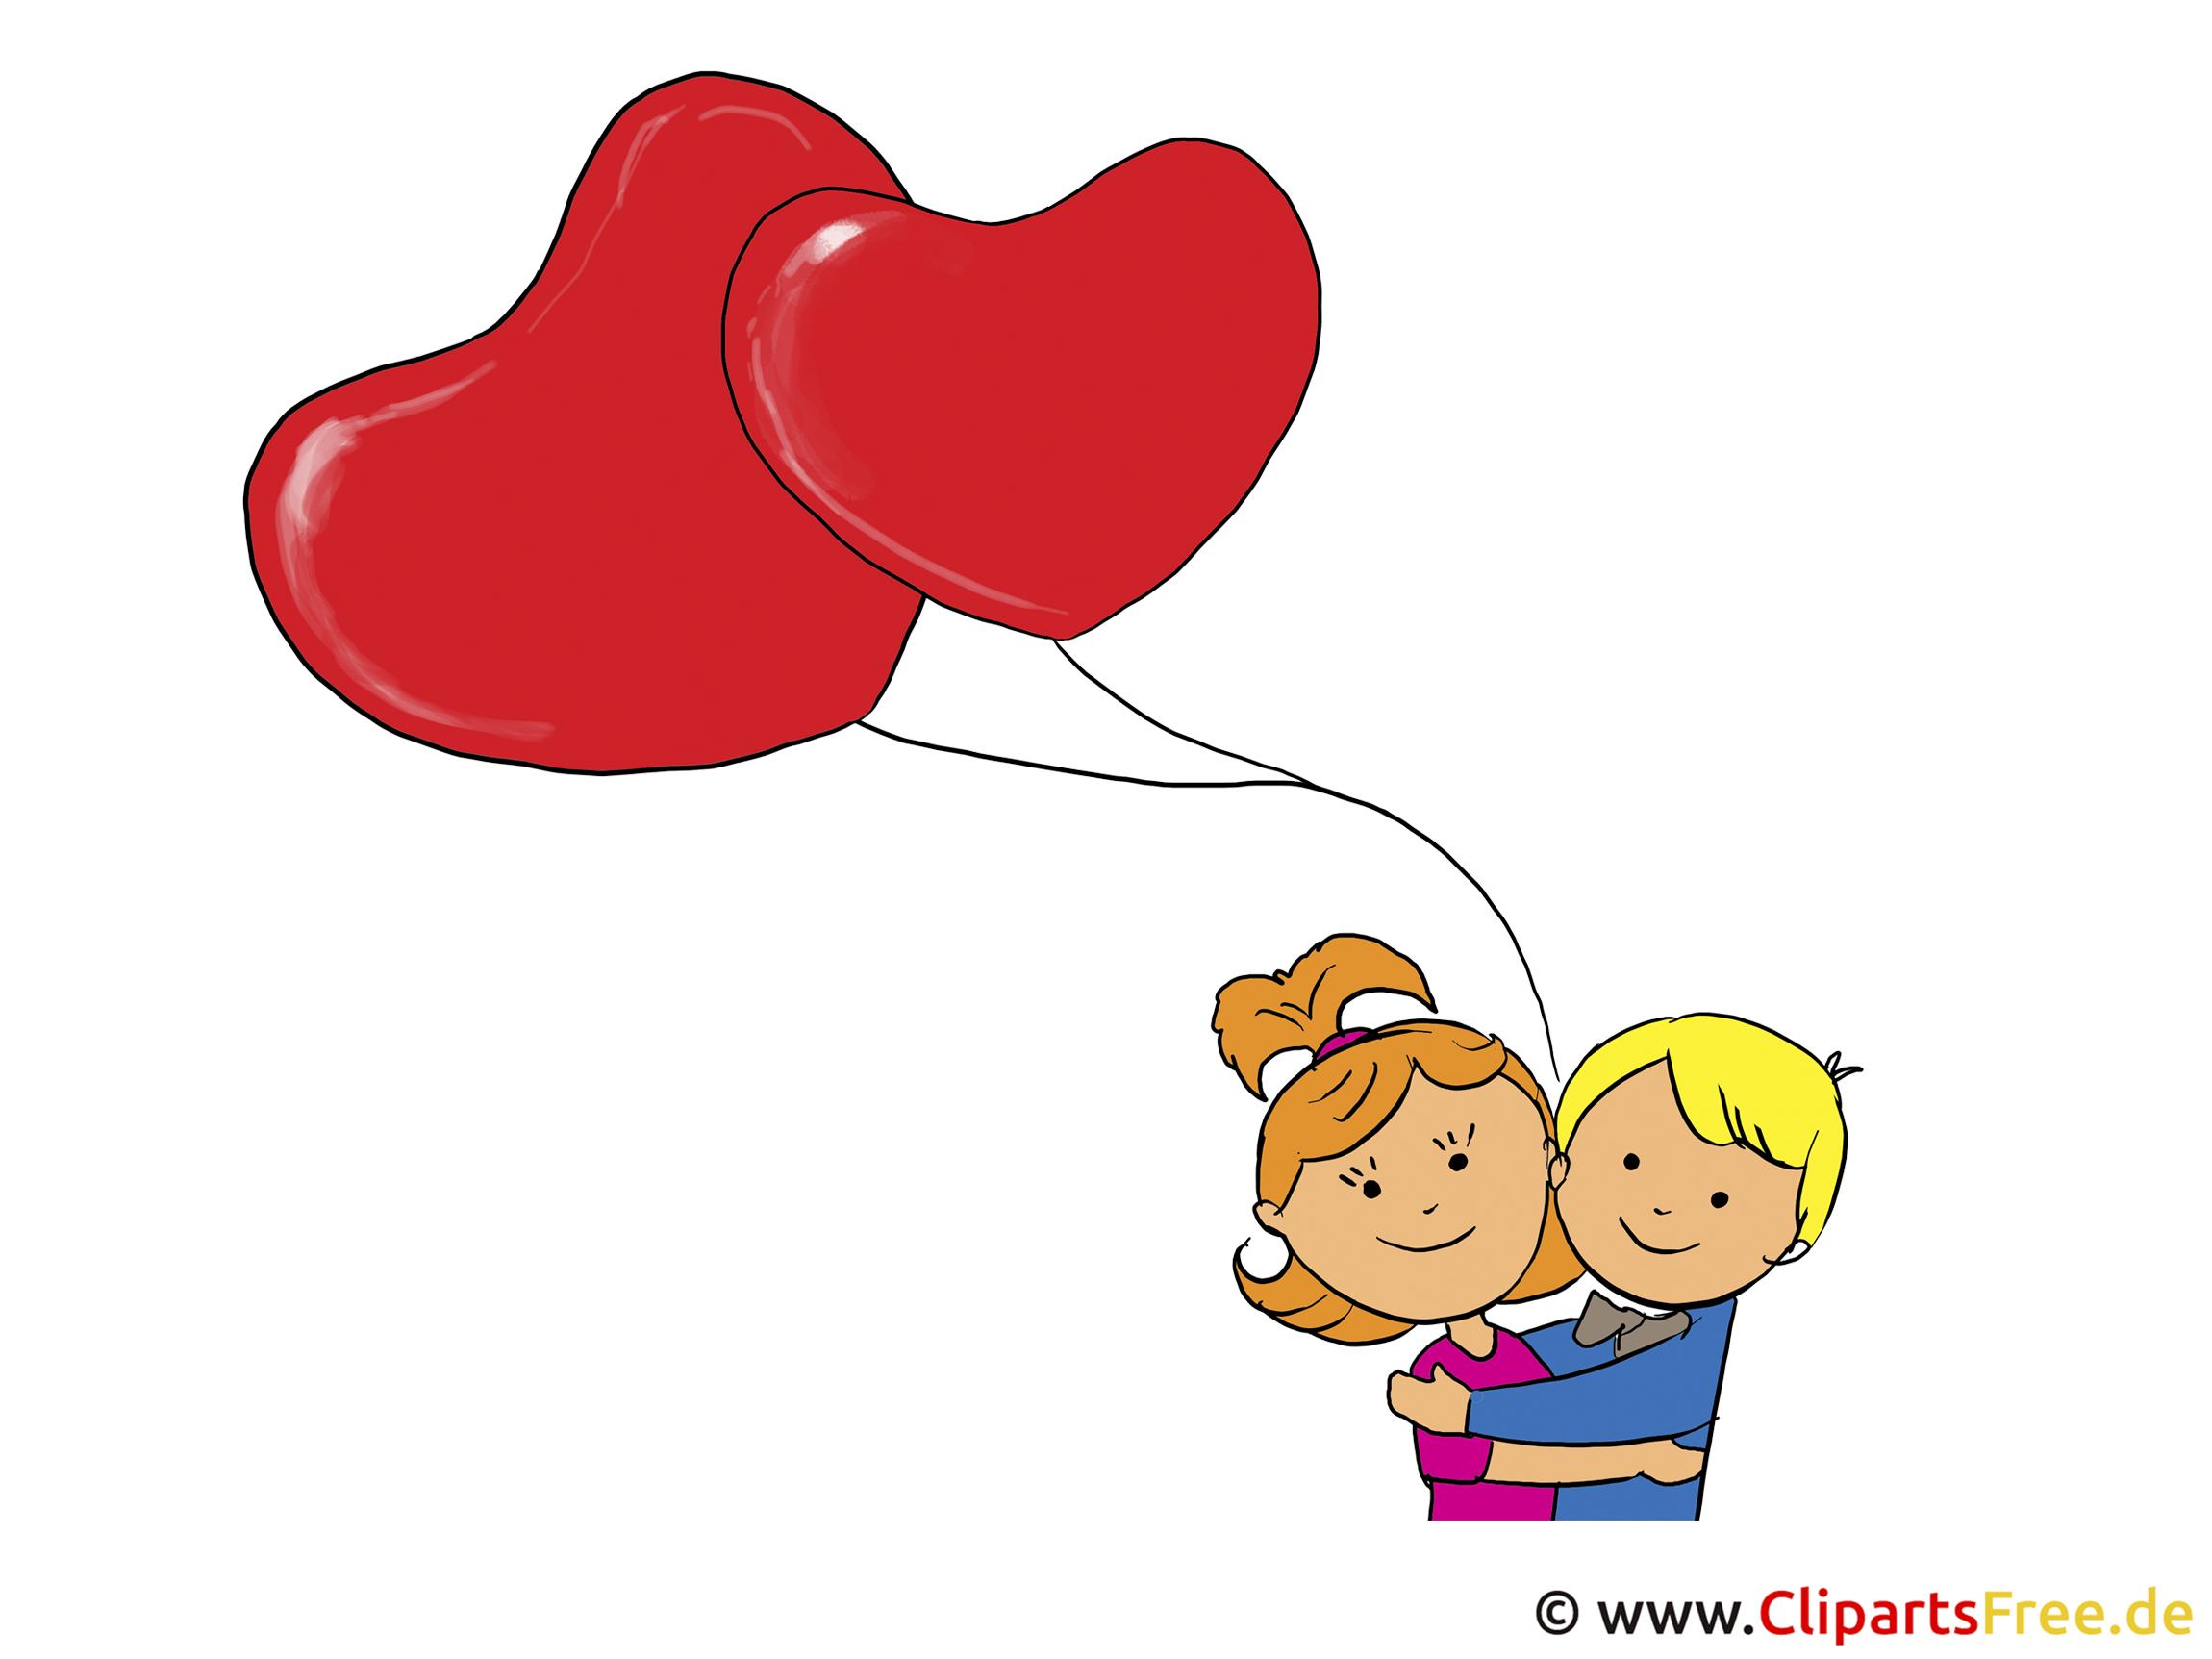 Liebe Grüße zum Valentinstag Bild